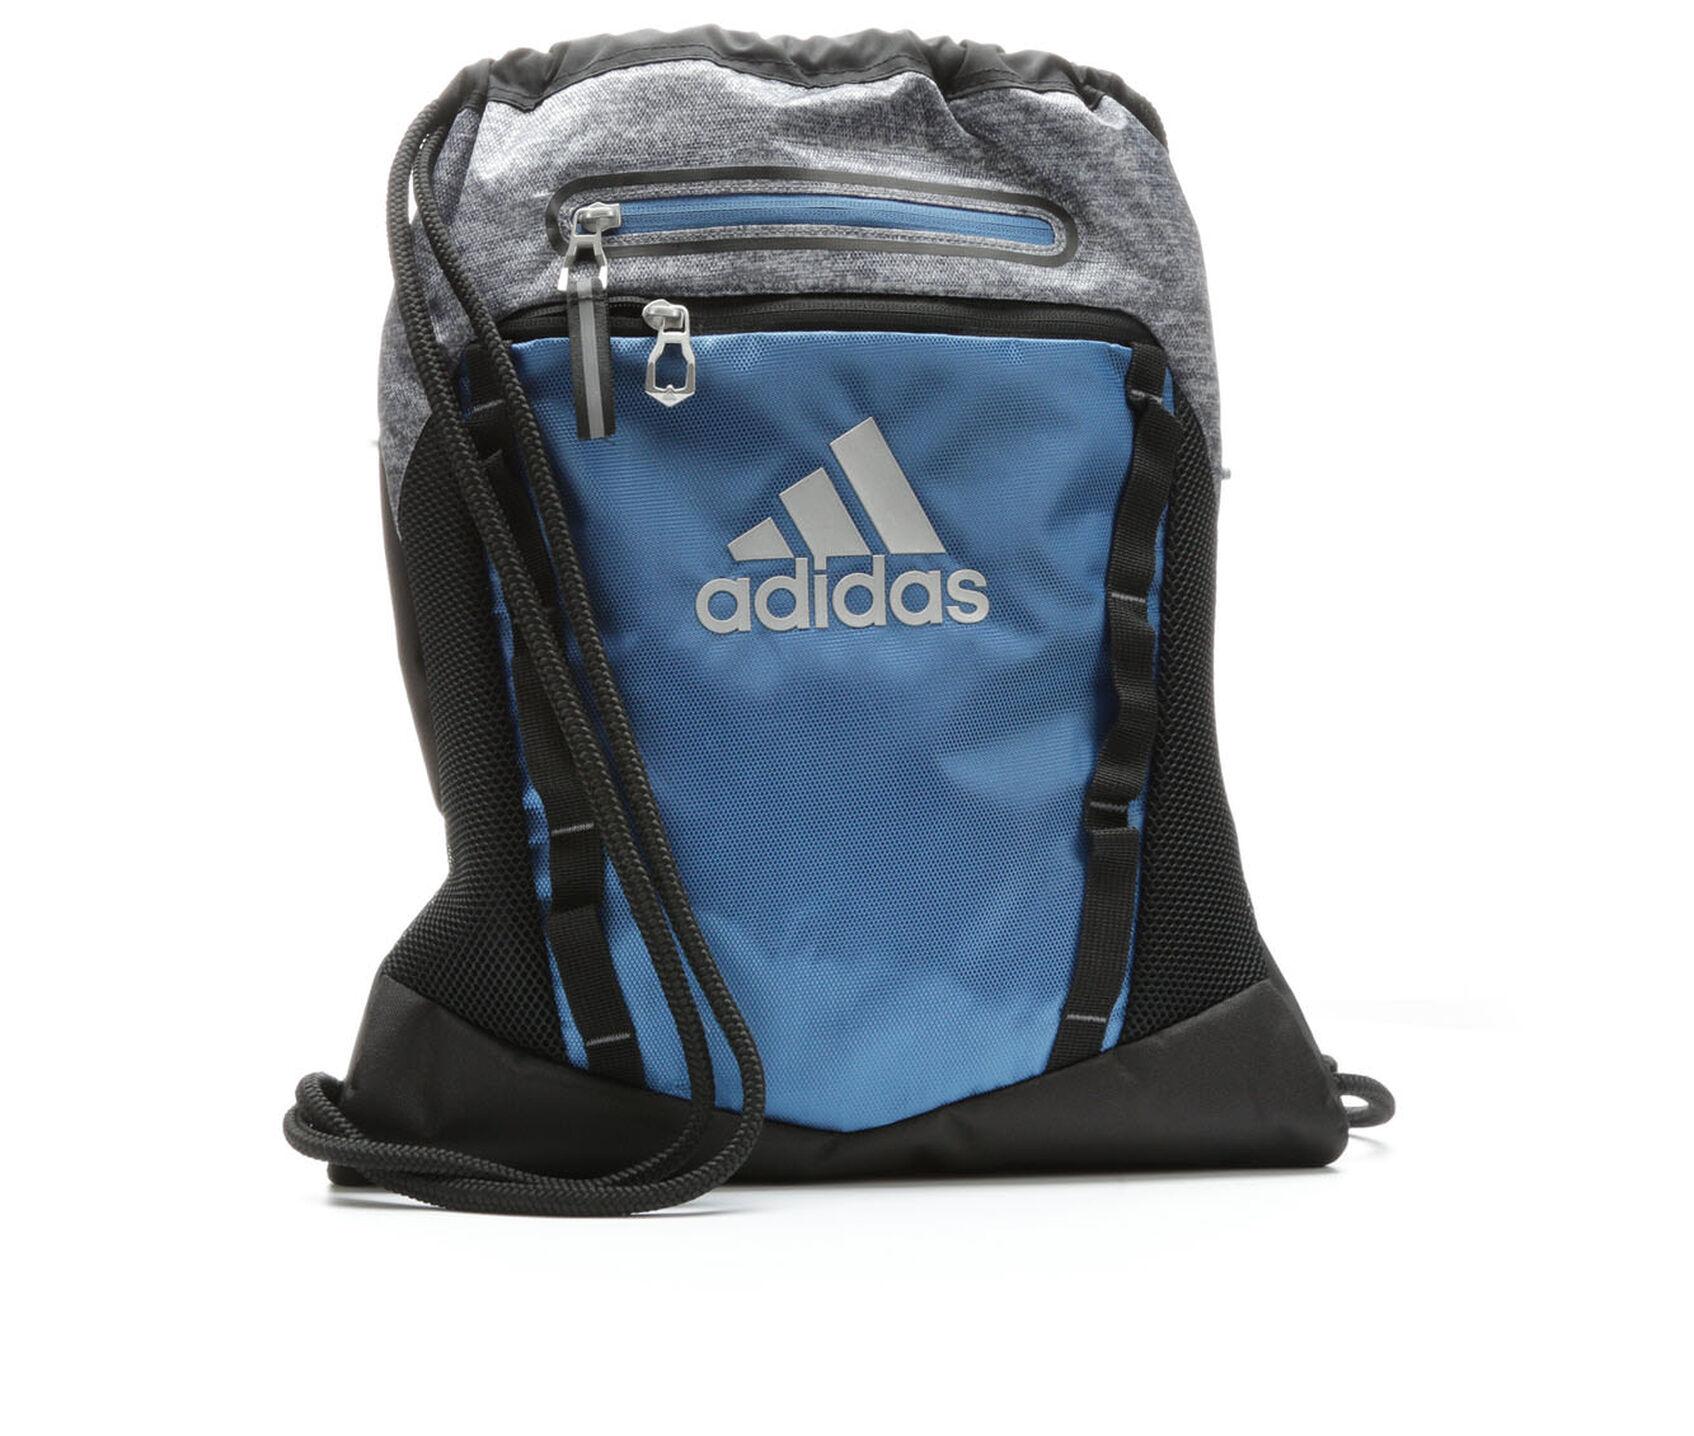 d14fa4b307 ... adidas drawstring bag eBay . ...